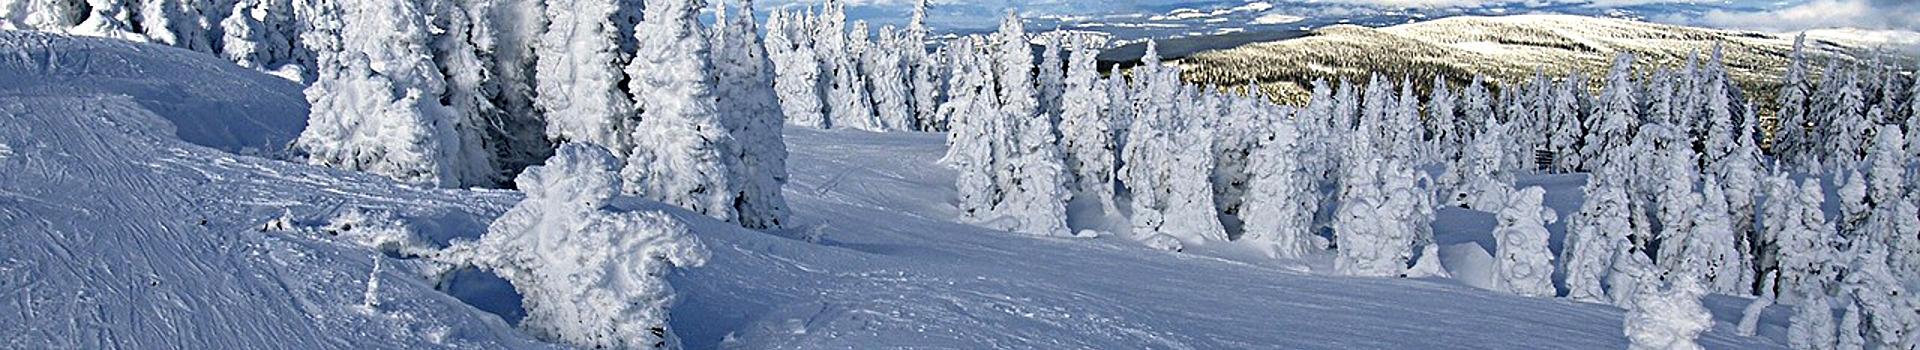 góry dla narciarzy